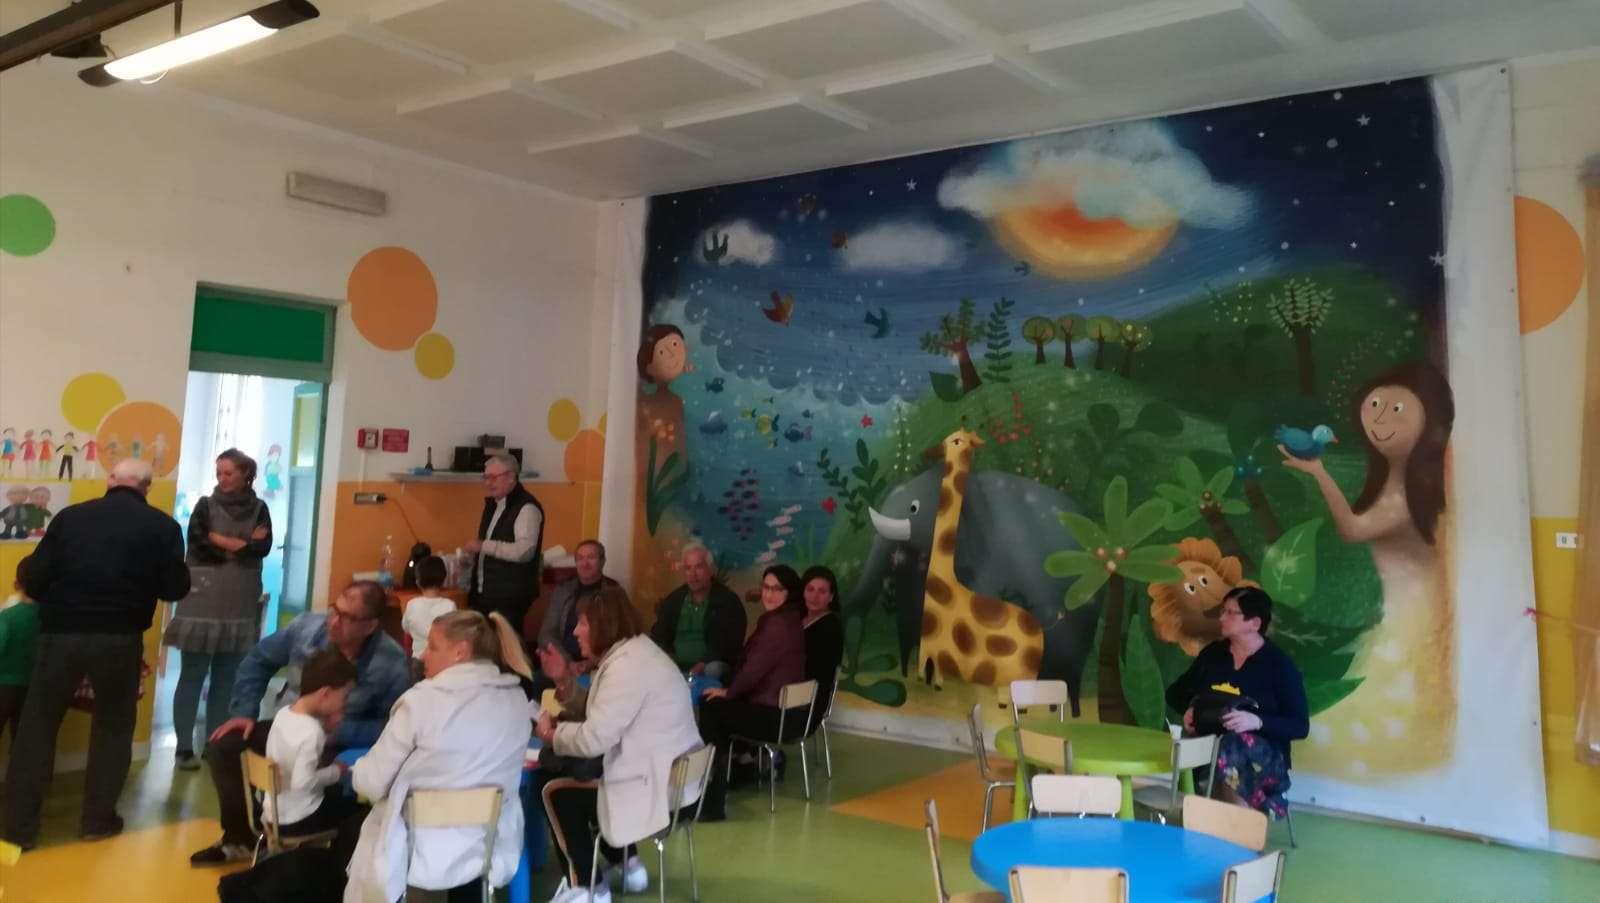 Festa dei Nonni - 2 Ottobre 2018 - Scuola Materna Peschiera Borromeo